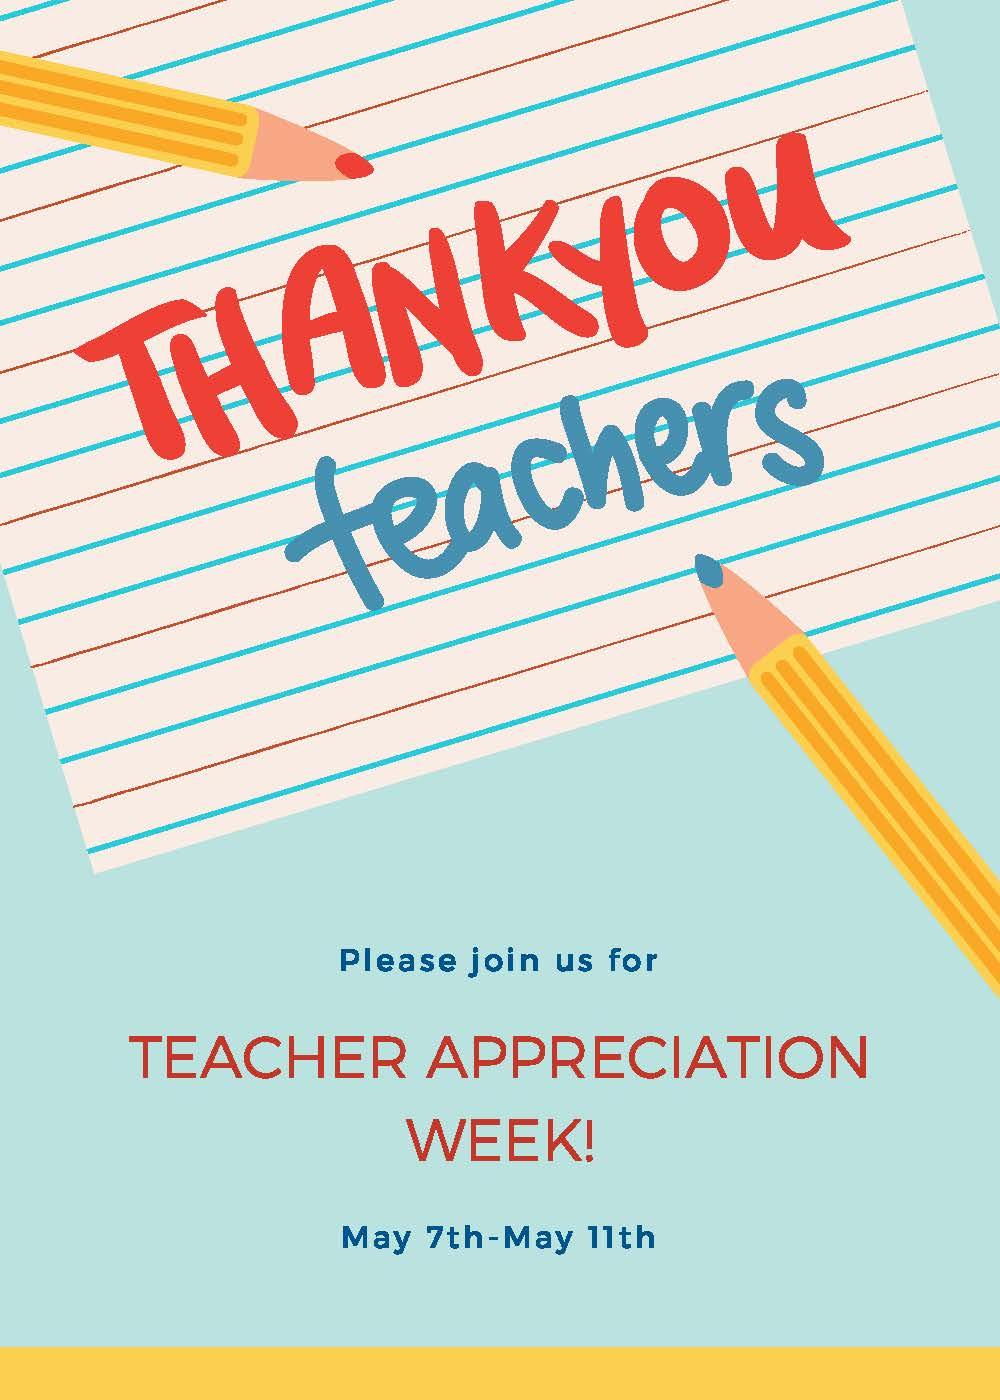 Teacher Appreciationweek.jpg